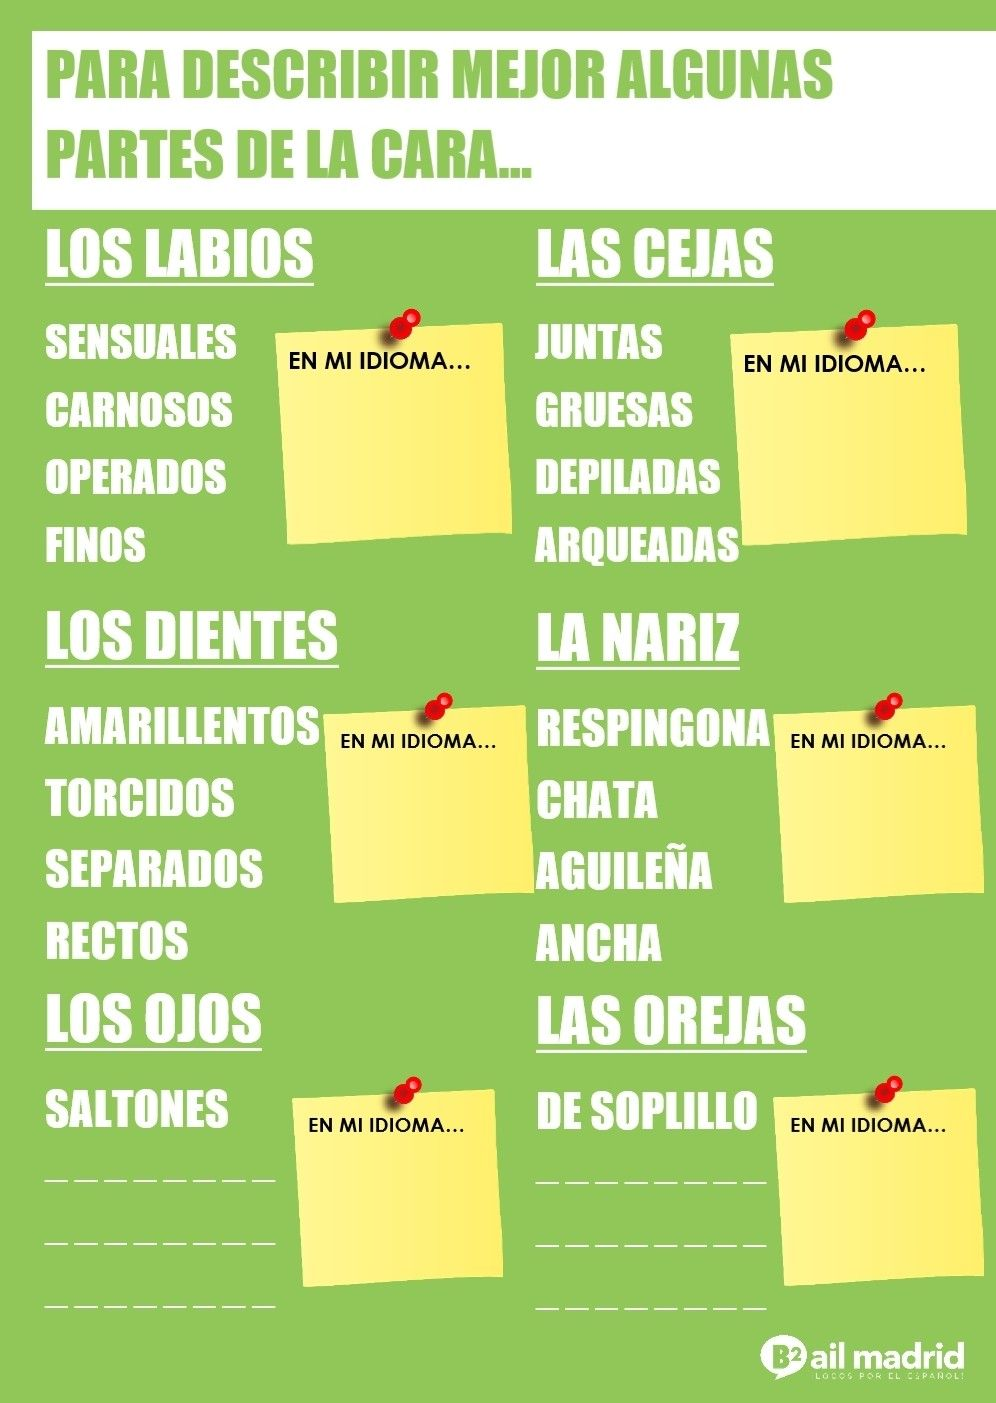 Para Aprender Vocabulario Descriptivo Mas Preciso De Algunas Partes De La Cara Aprendete Esta Chuleta Y Completala Con Otras Palabras Para Practicar Espagnol